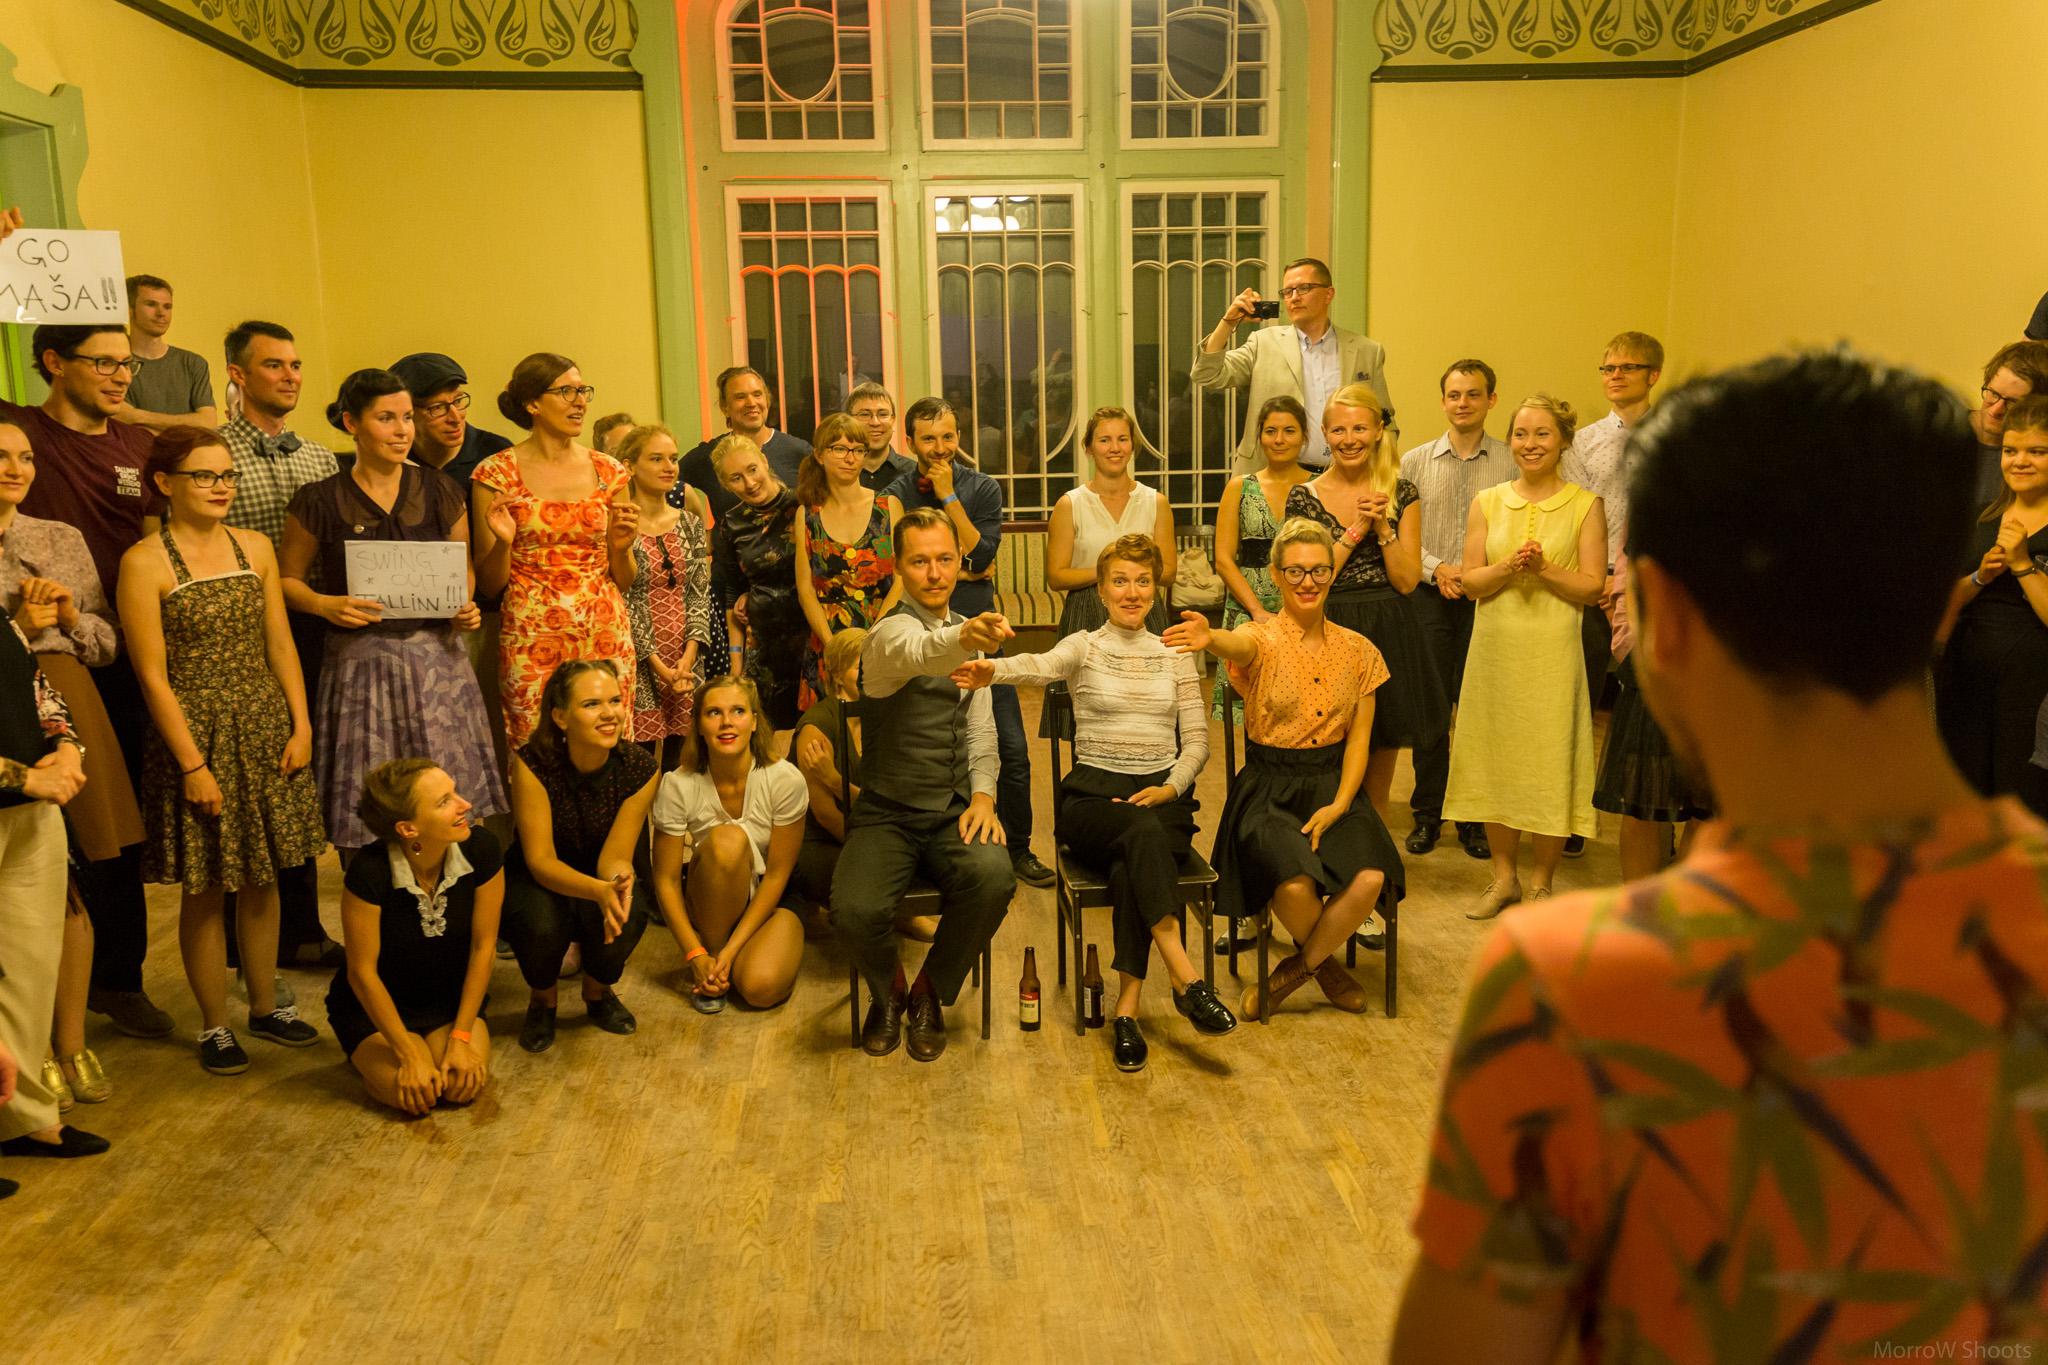 2017.08 - Tartu Swing - Saksa Pidu-0140